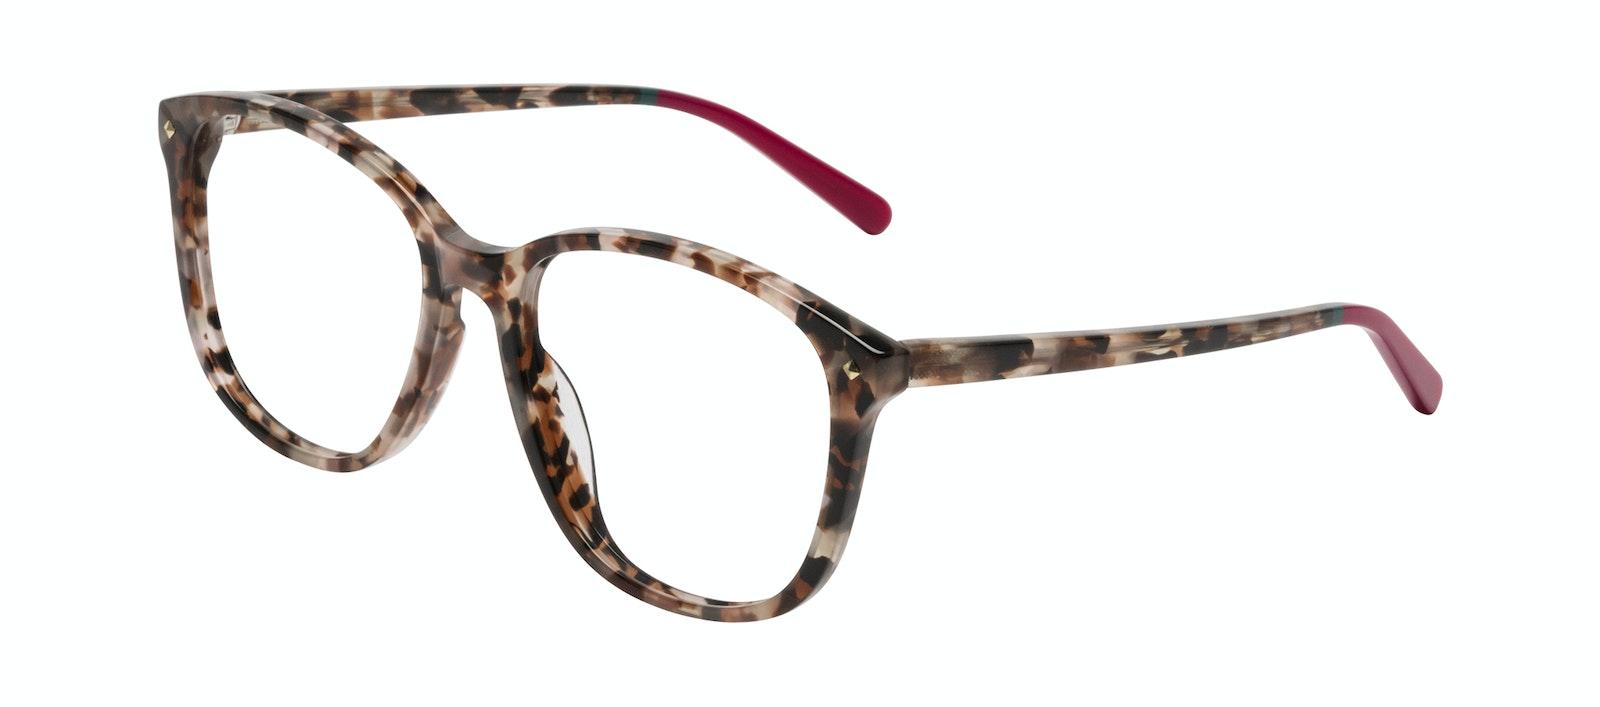 Affordable Fashion Glasses Square Eyeglasses Women Lauren Pink Tortoise Tilt